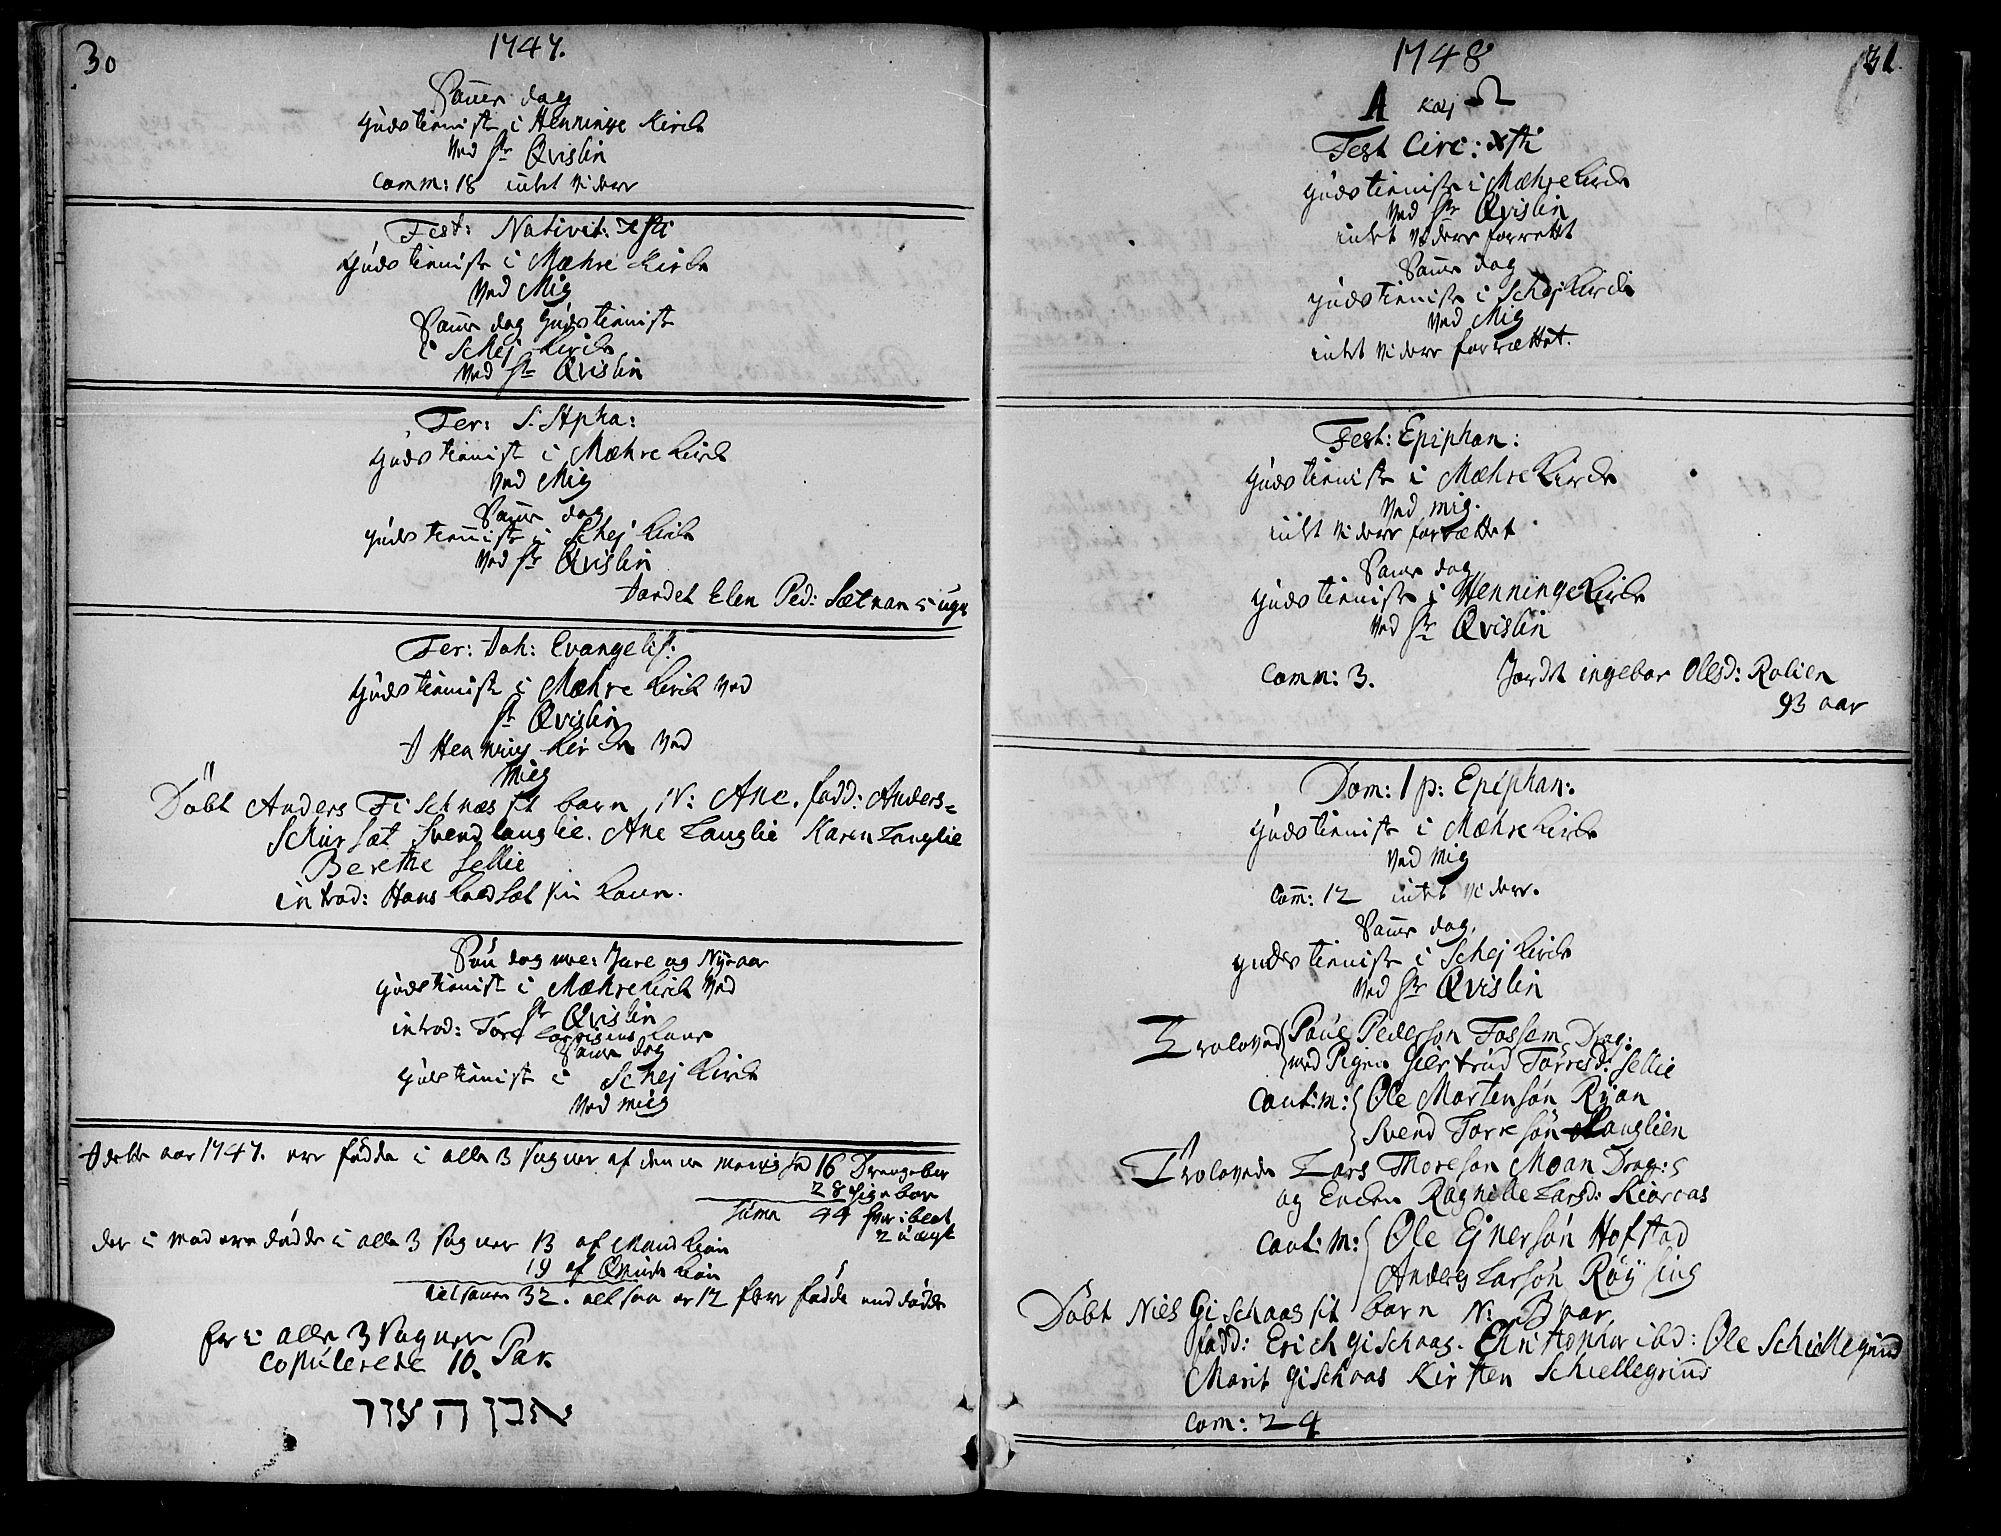 SAT, Ministerialprotokoller, klokkerbøker og fødselsregistre - Nord-Trøndelag, 735/L0330: Ministerialbok nr. 735A01, 1740-1766, s. 30-31